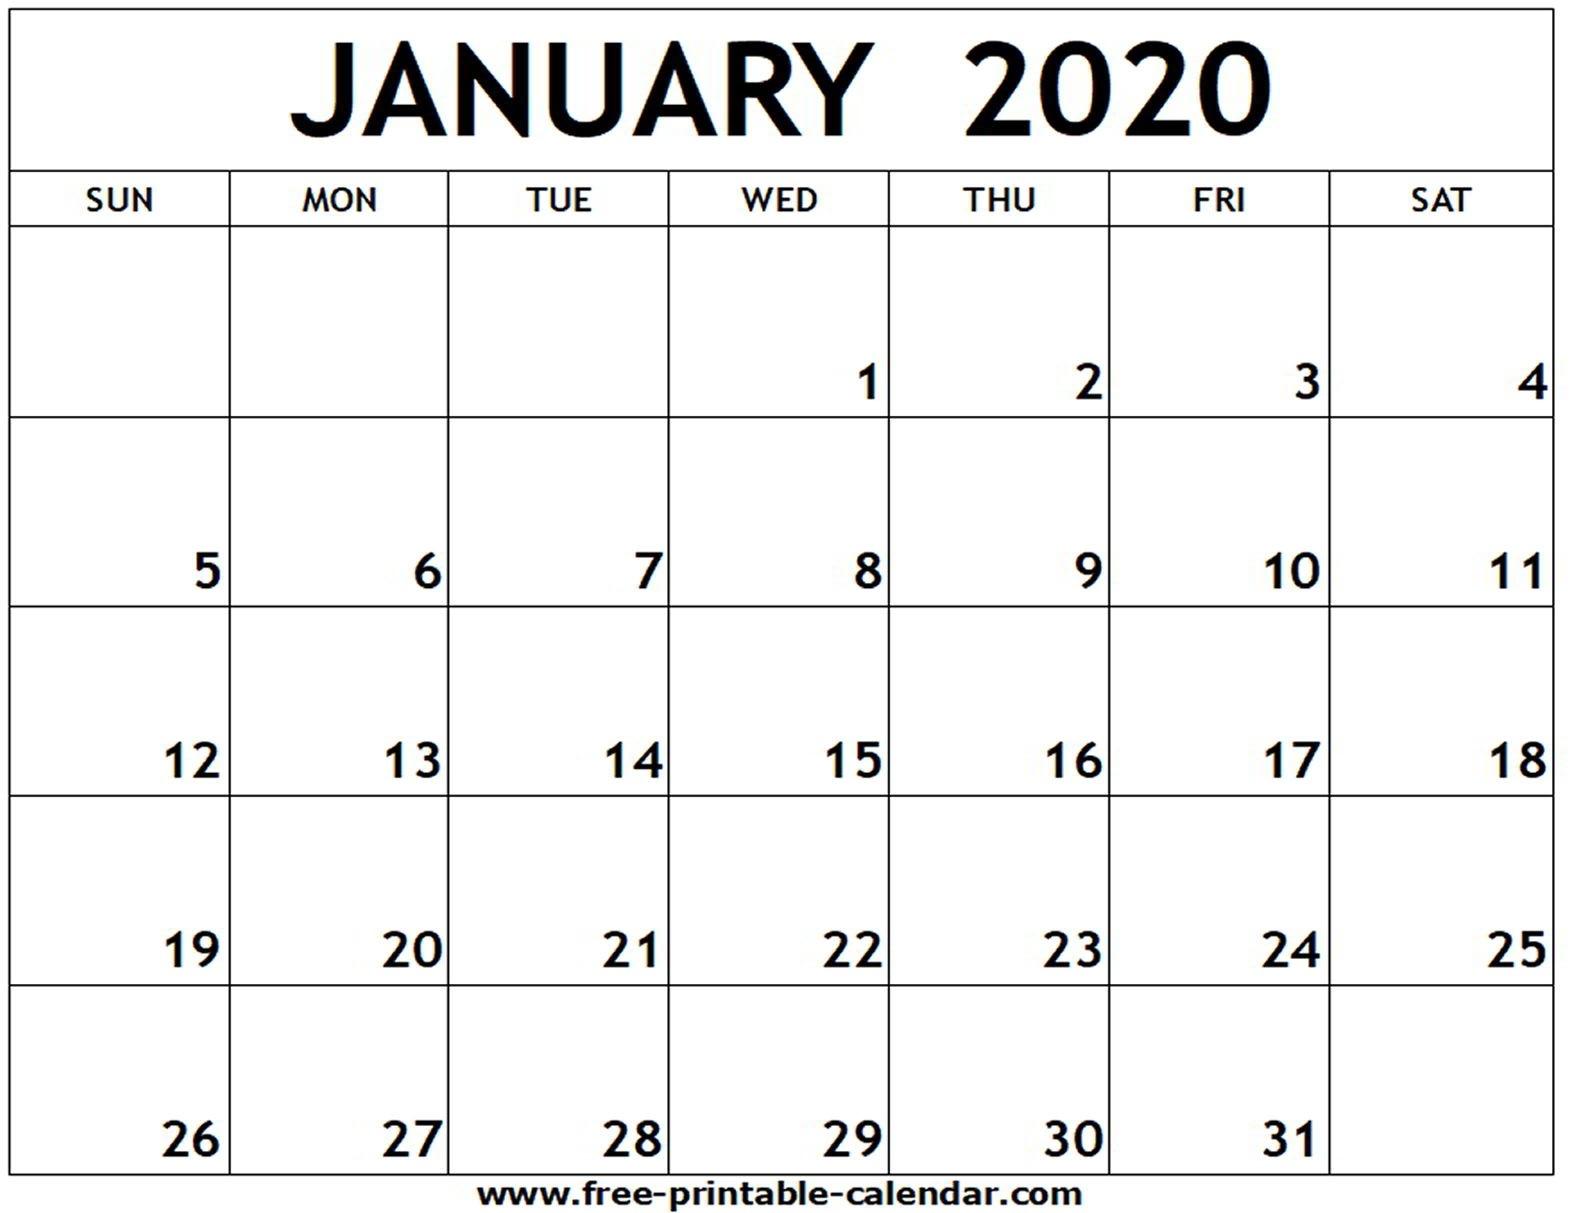 January 2020 Printable Calendar - Free-Printable-Calendar-January 2020 Calendar Printable